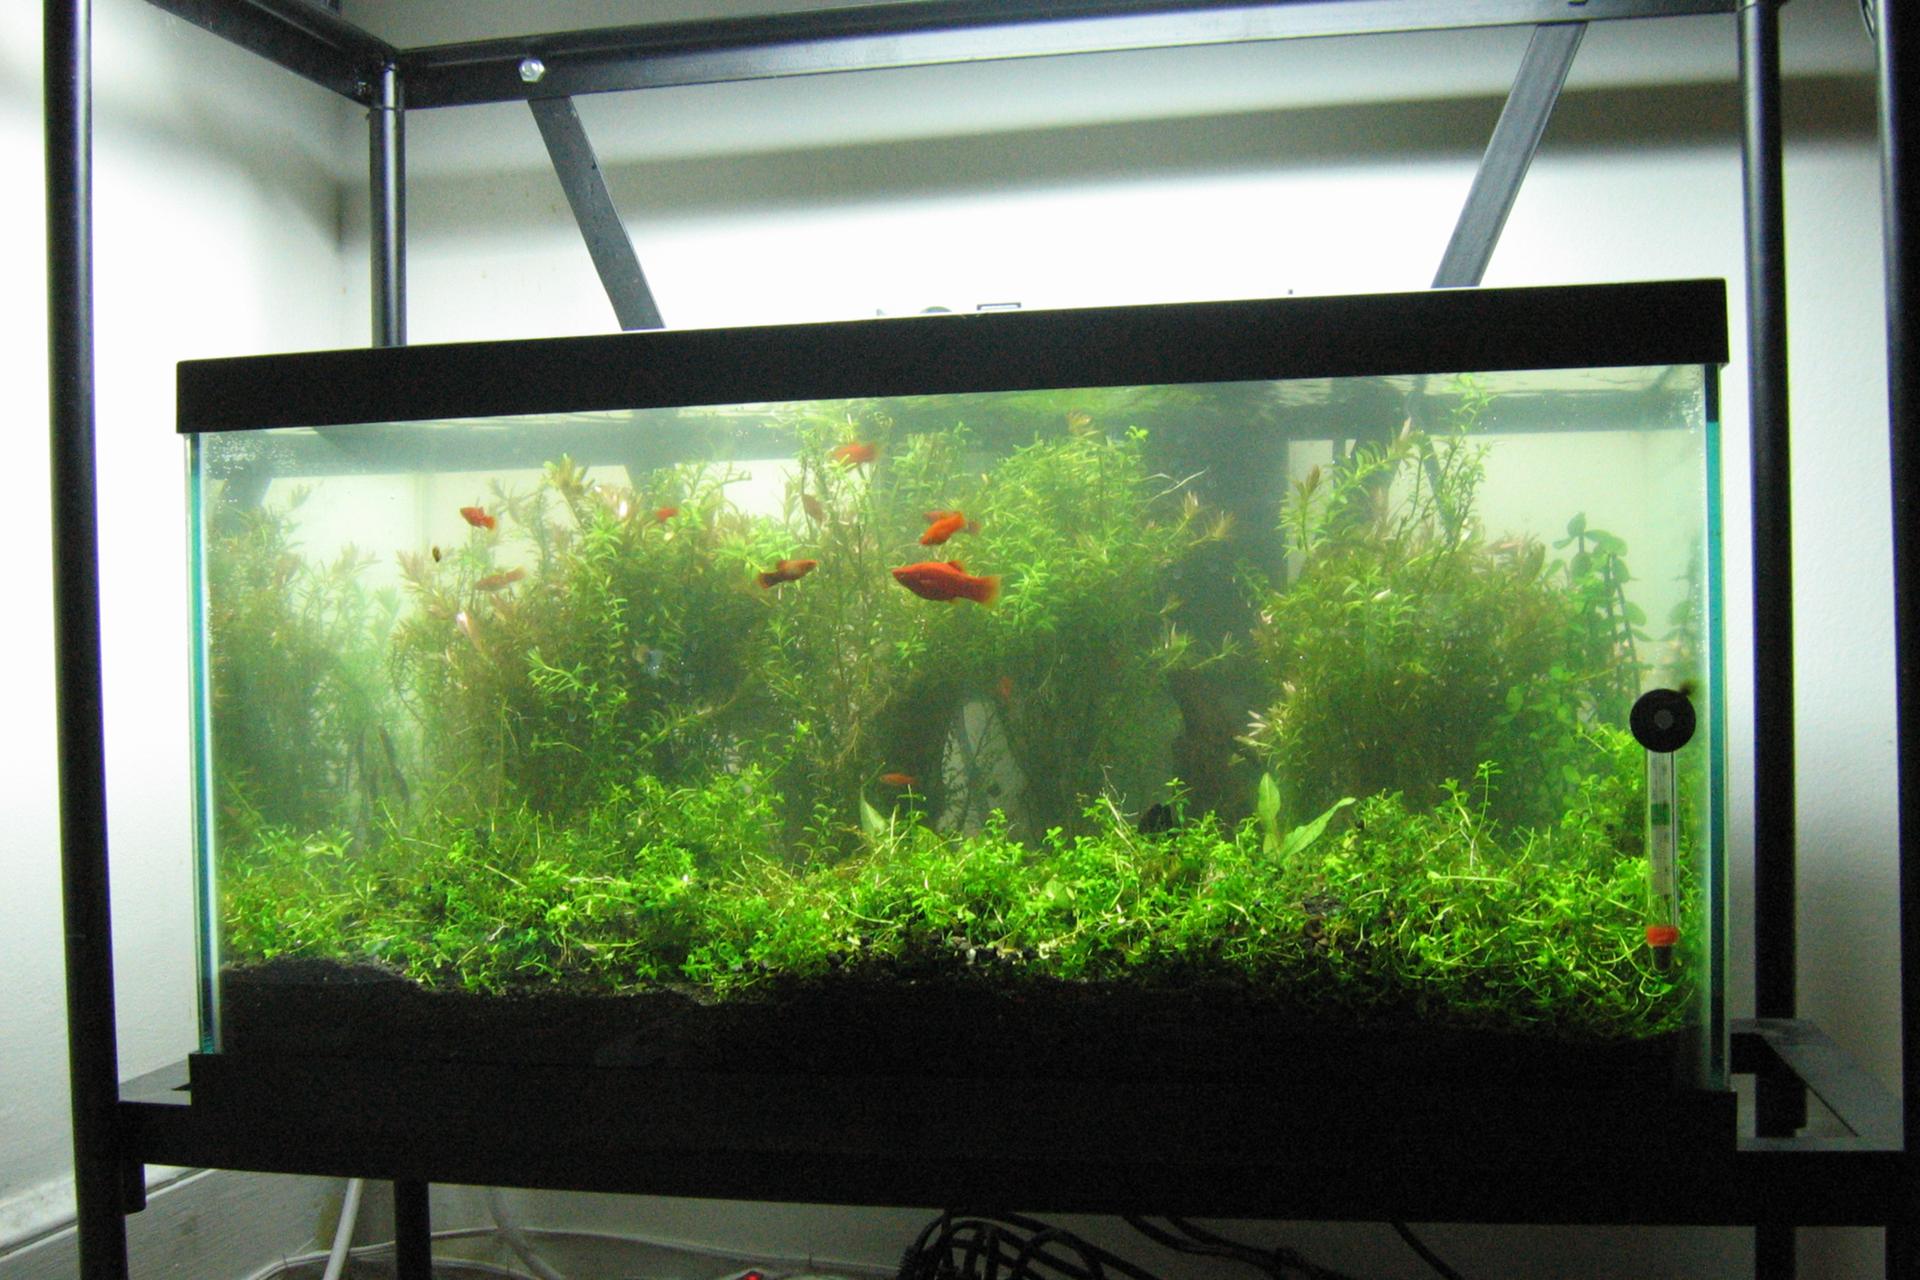 Fotografia przedstawia duże akwarium. Na dnie widoczne jest ciemne podłoże, zktórego wyrasta bujna roślinność. Wakwarium pływa kilka niedużych, pomarańczowych rybek.